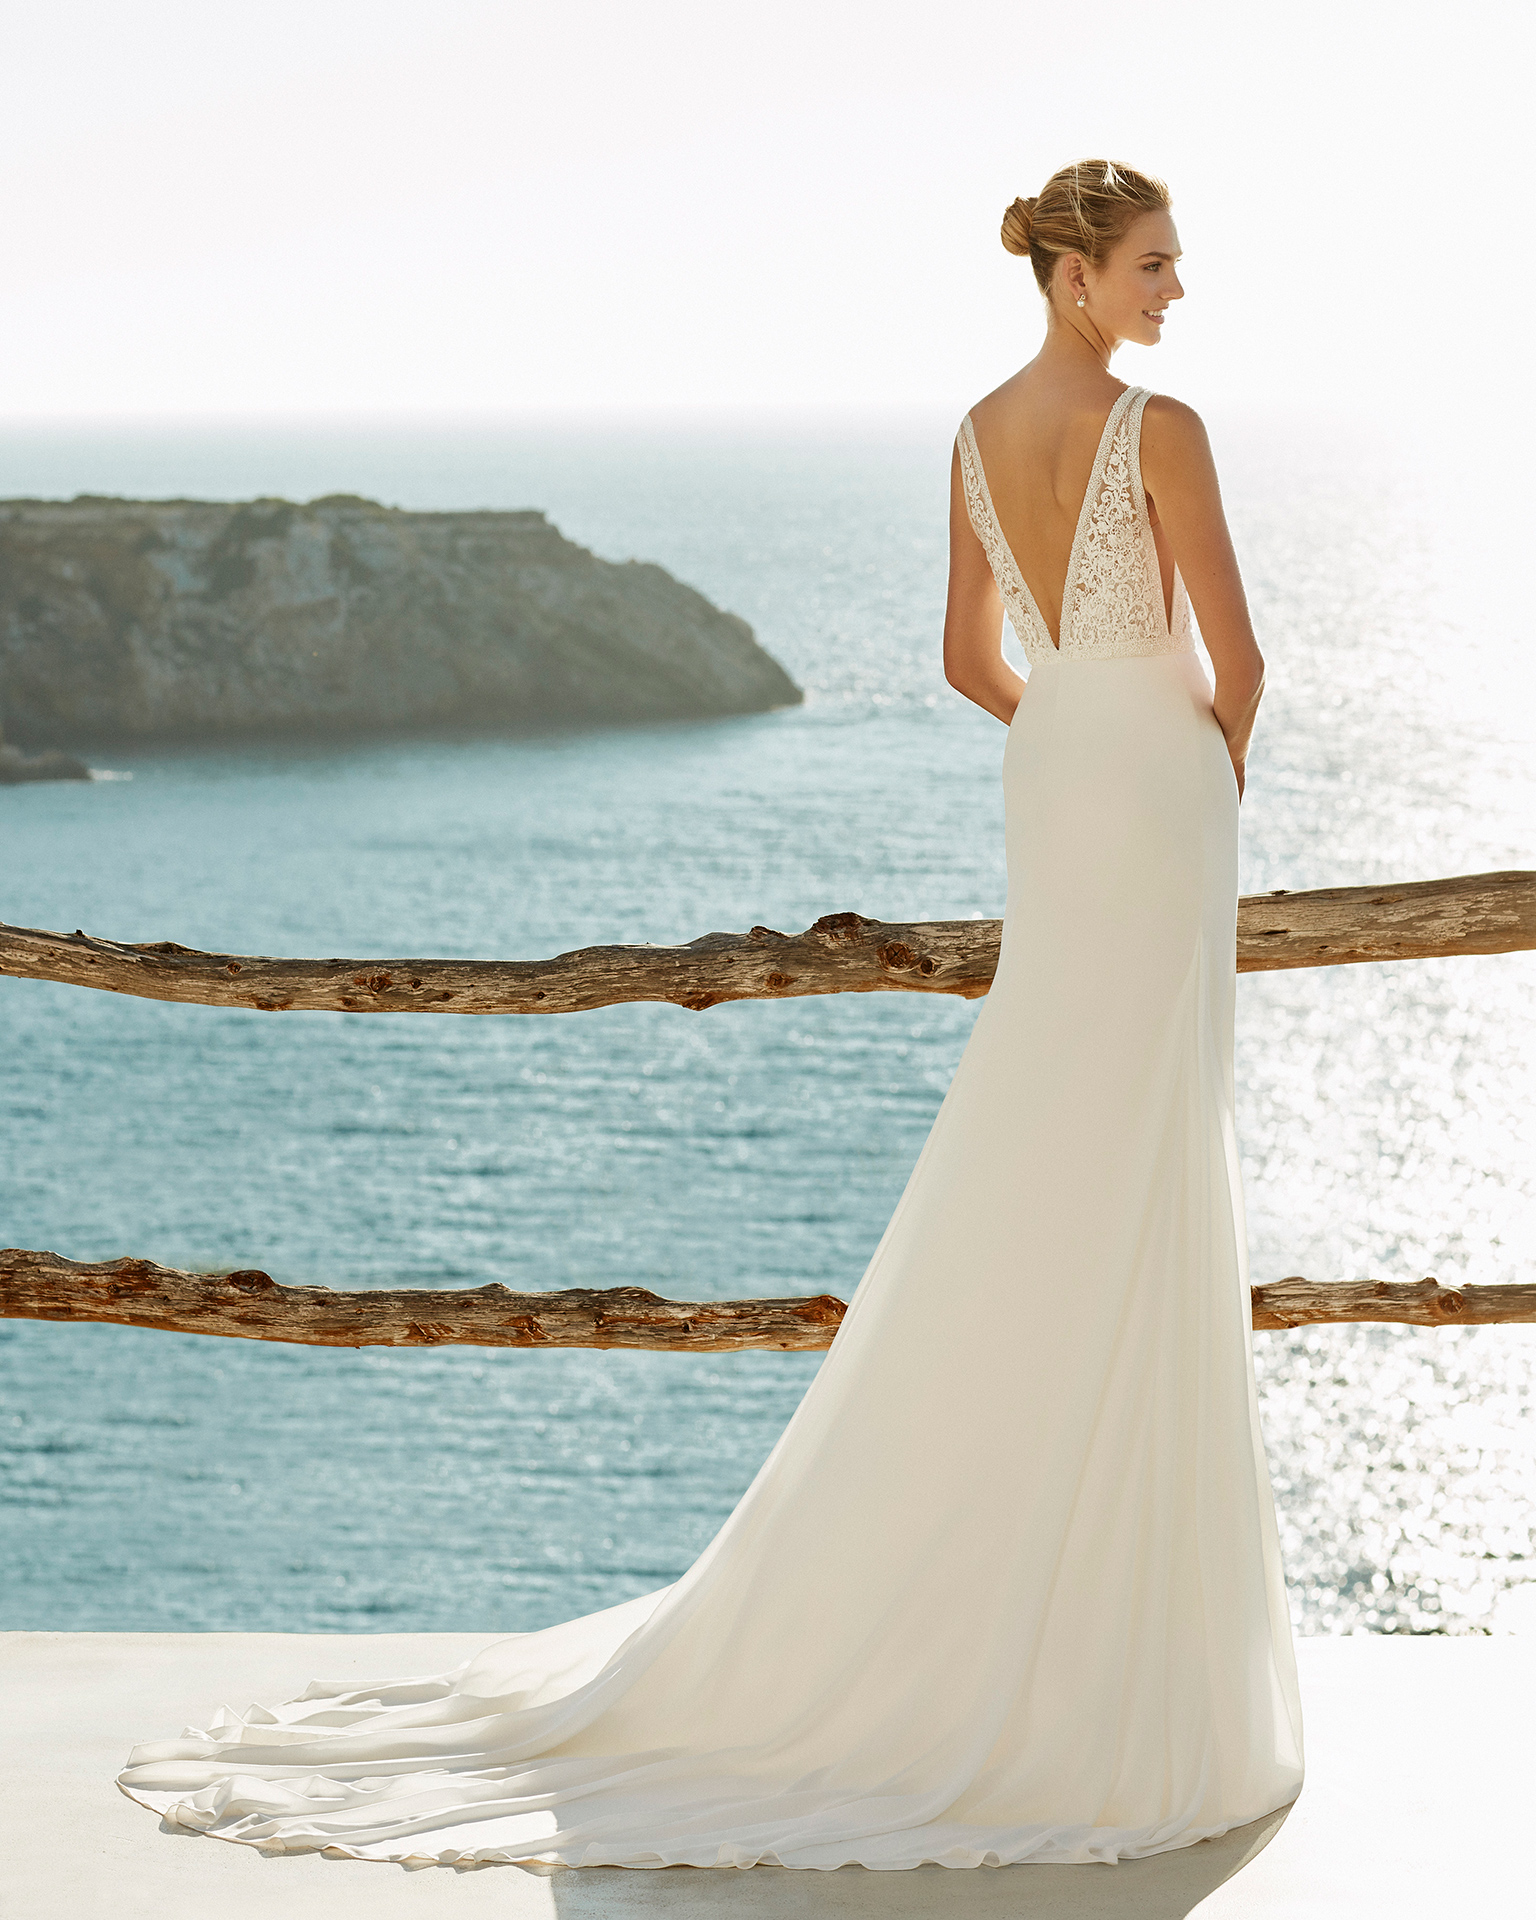 Vestido de novia corte recto en gasa y encaje pedrería. Escote profundo y espalda escotada. Disponible en color natural. Colección AIRE BEACH WEDDING 2019.